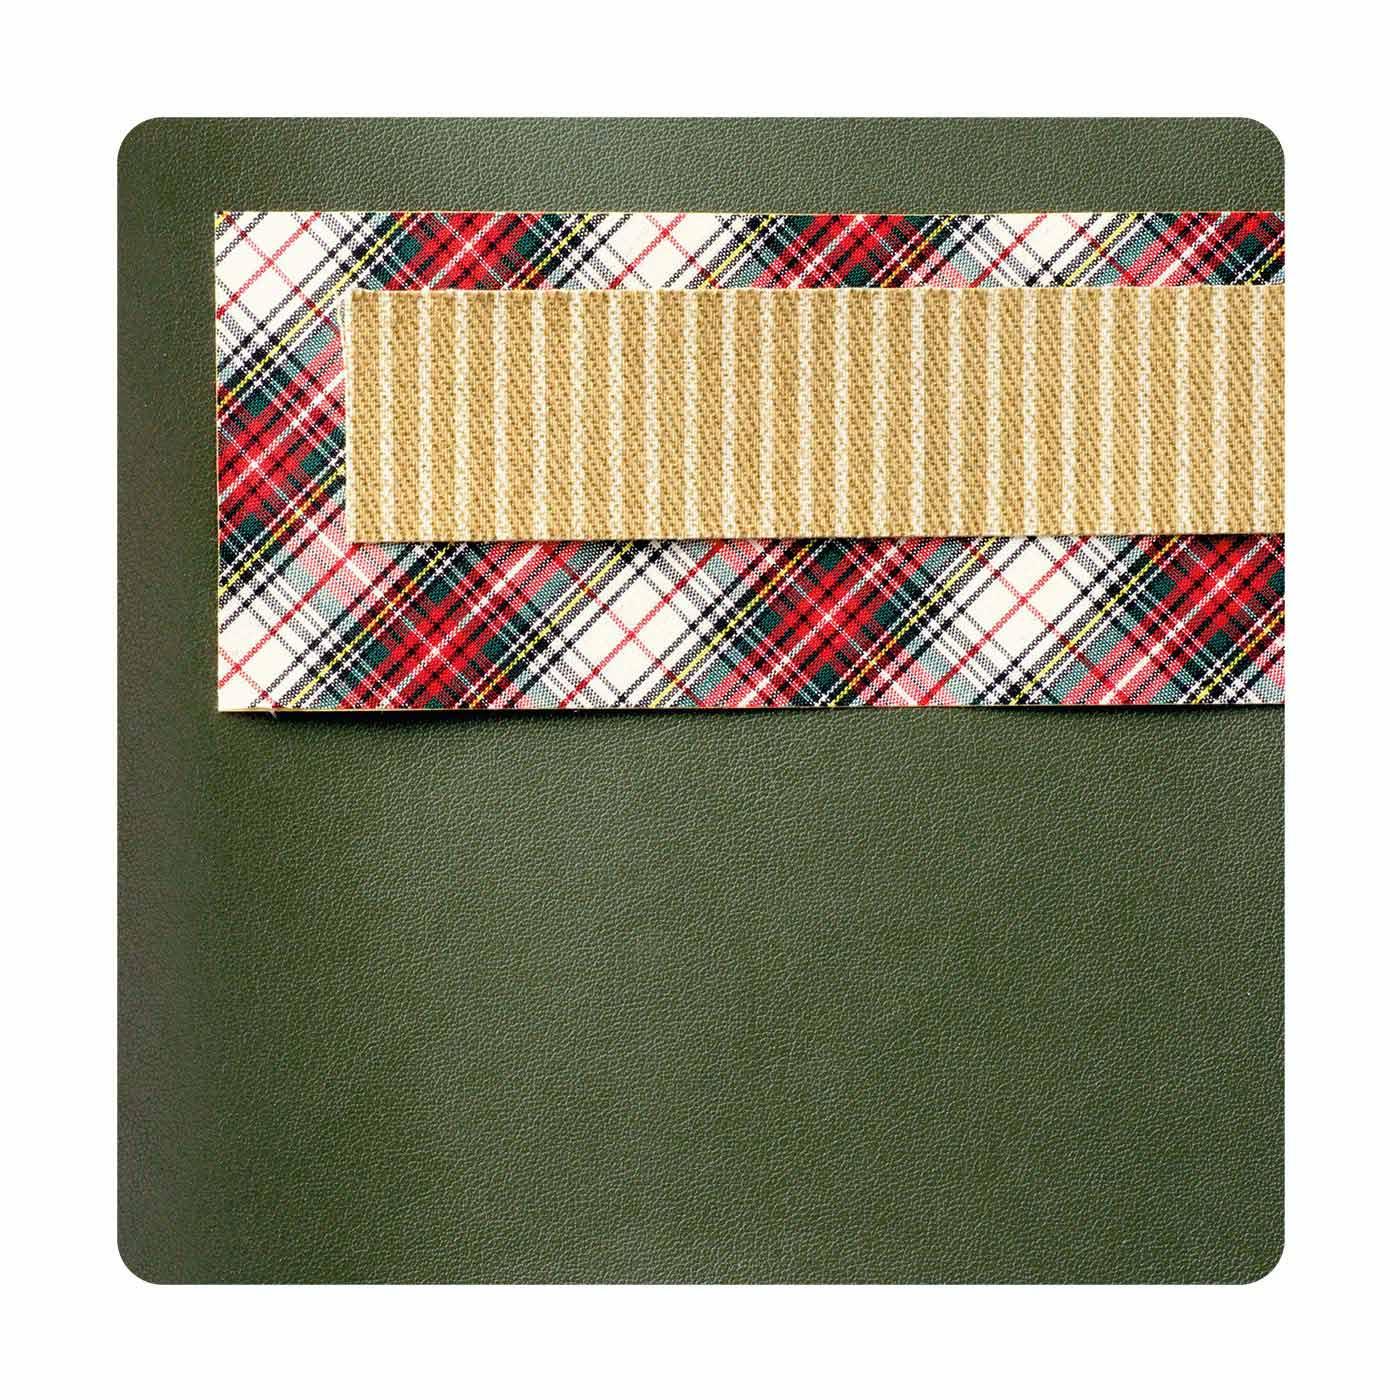 布や合皮のデコレーションシール3種類をセットでお届け。